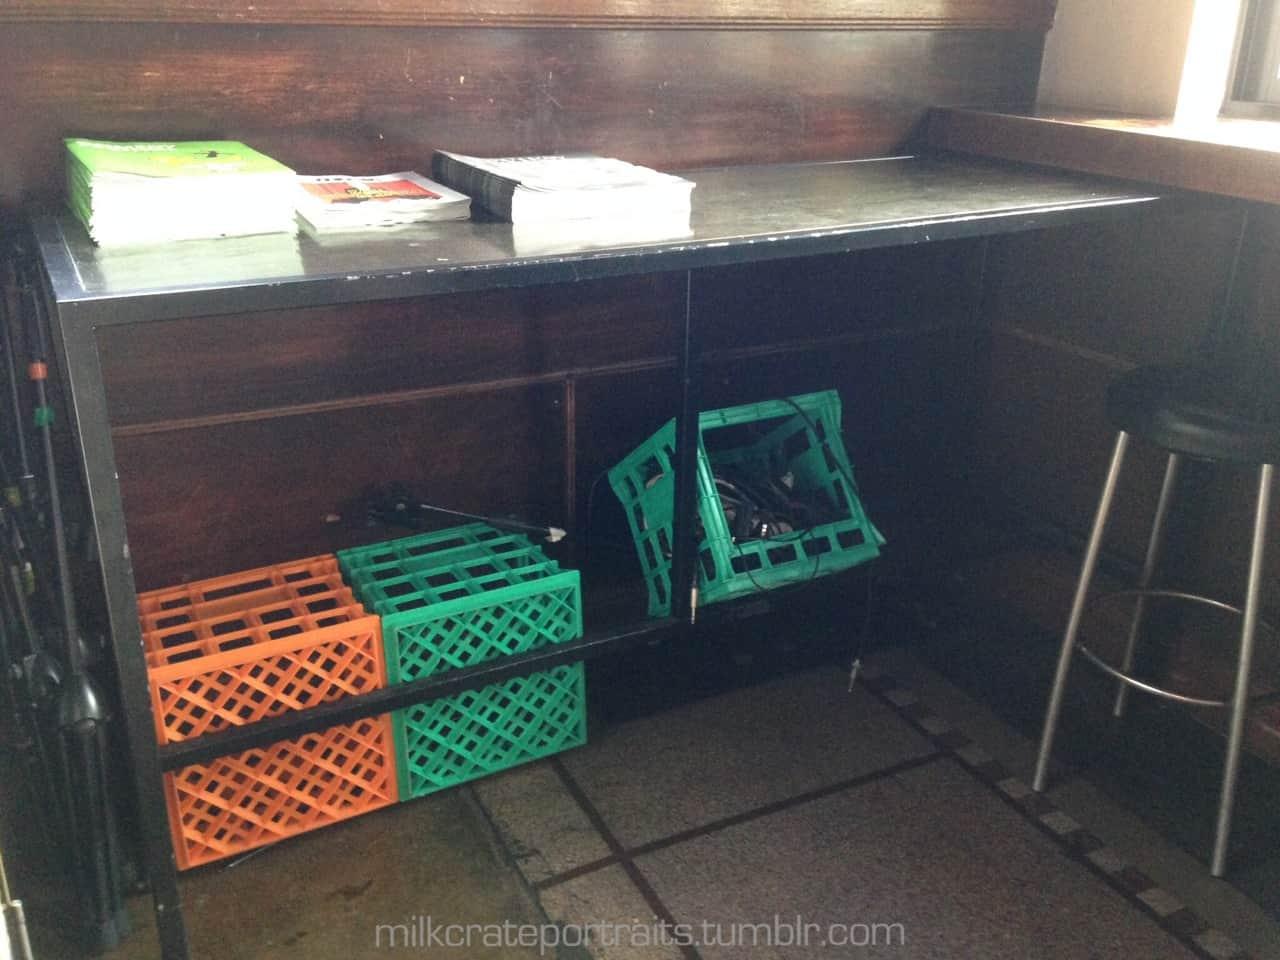 Venue milk crates